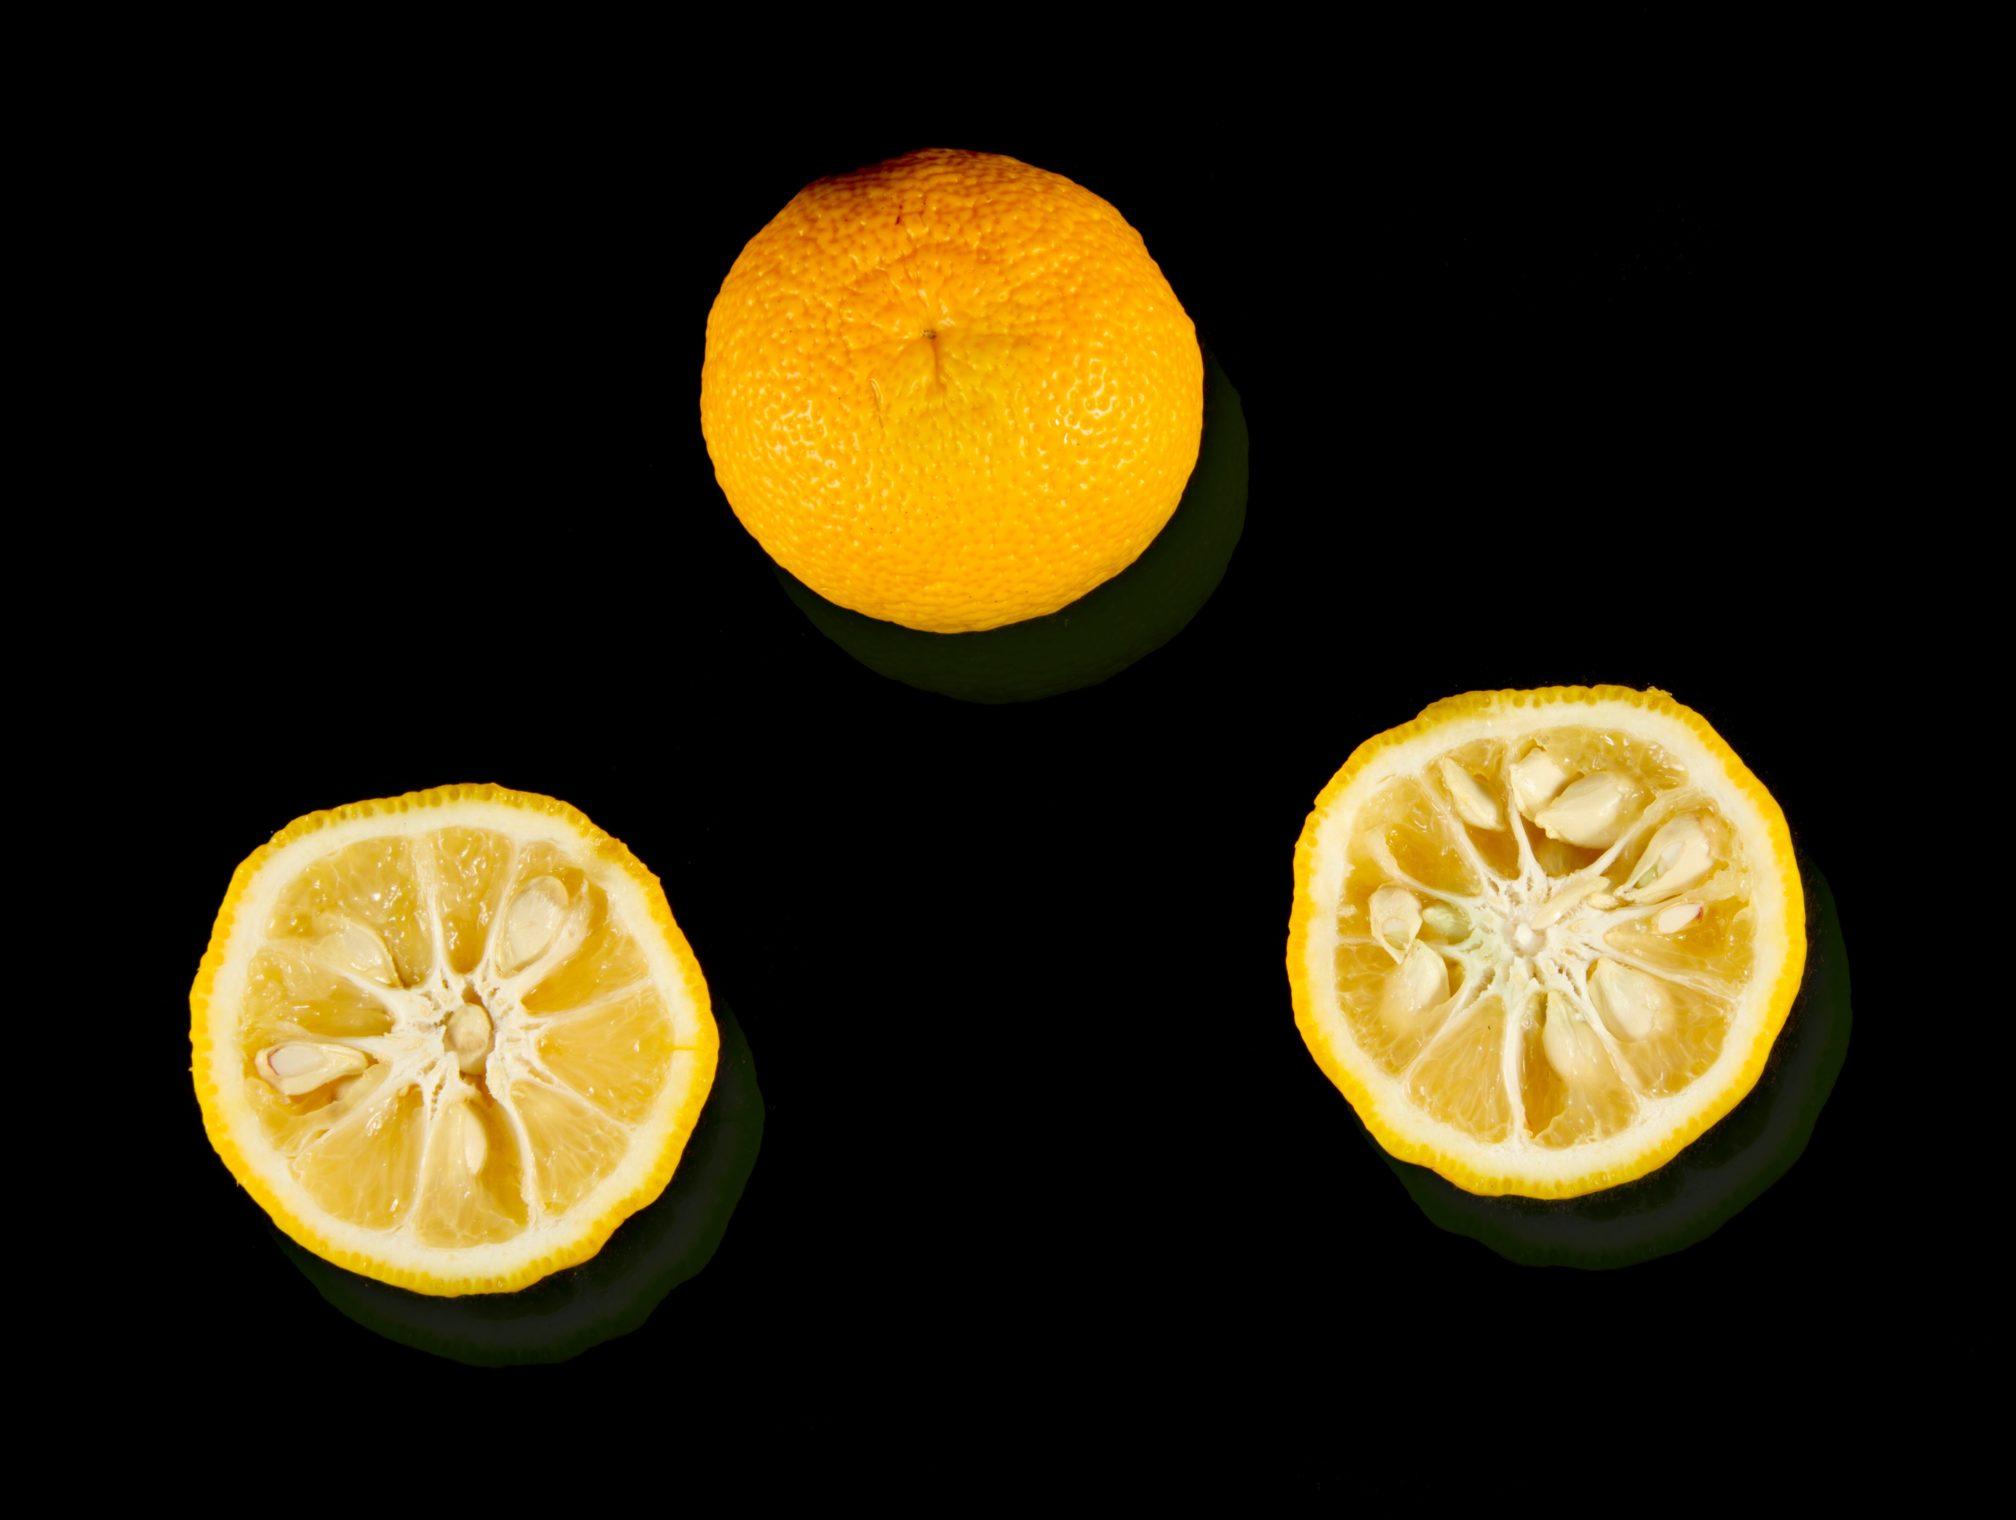 capexo--lilot-fruit-citron-yuzu-japon-france